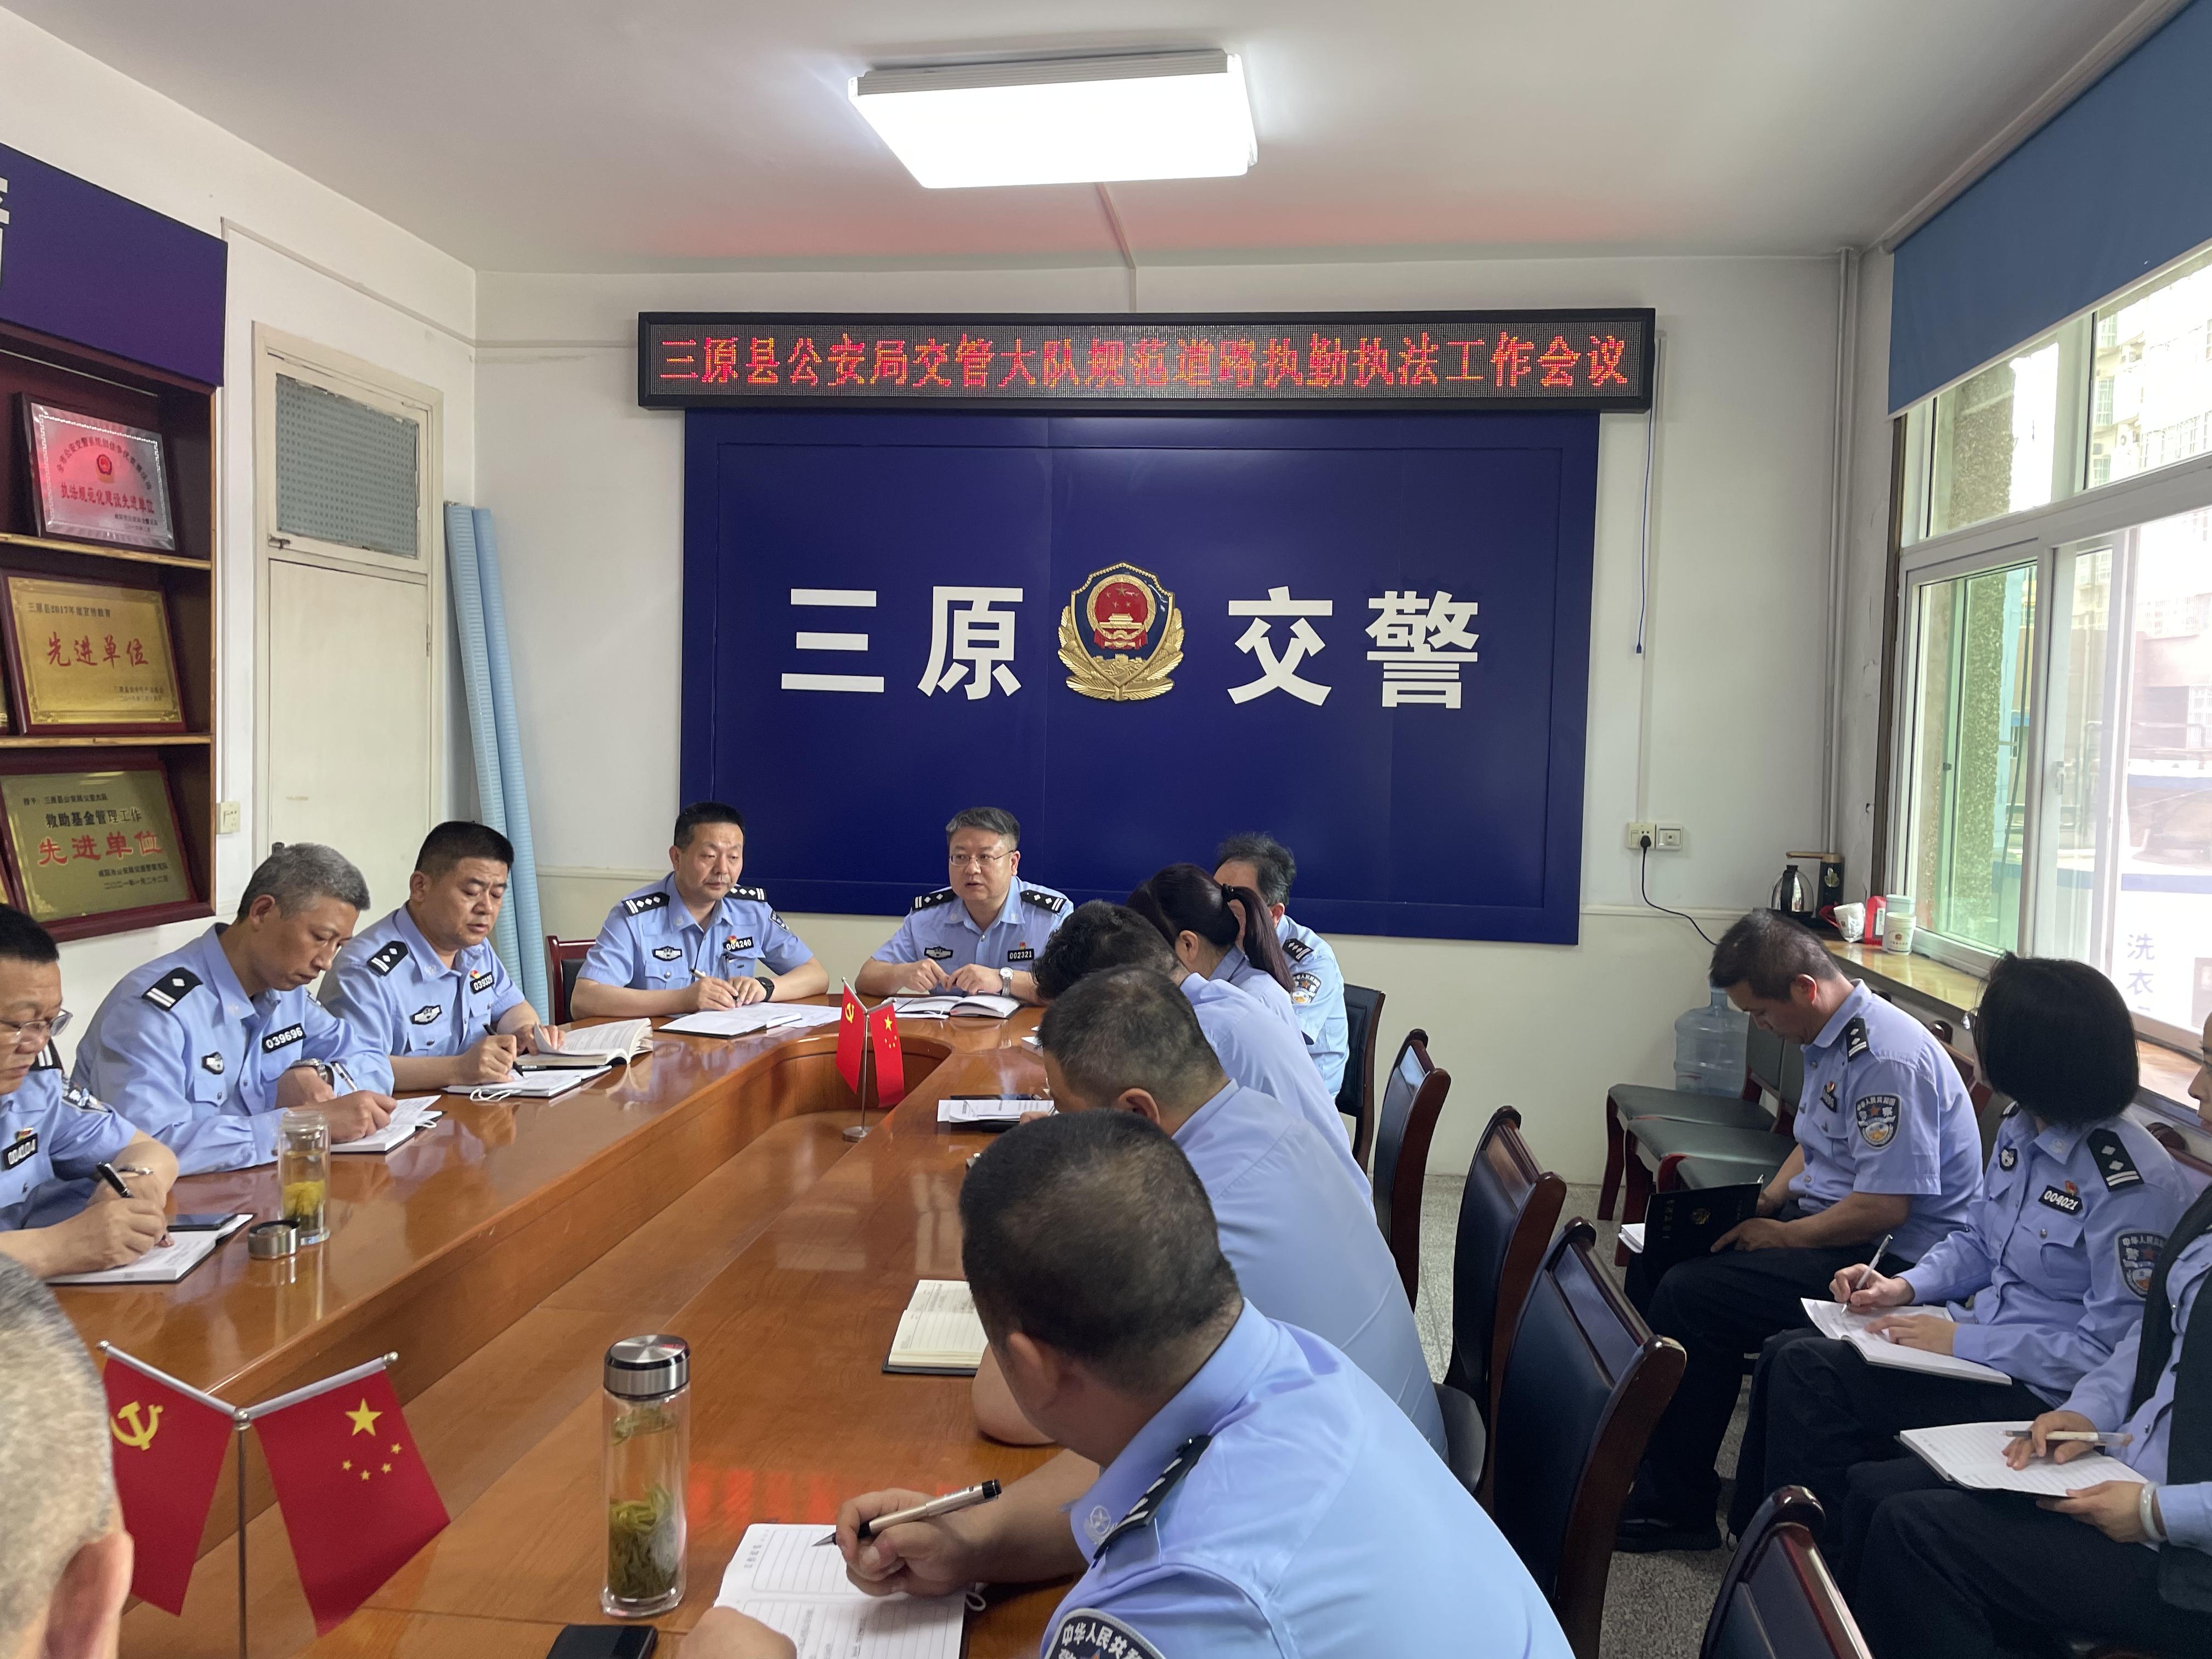 三原县公安局召开规范道路执勤执法工作会议